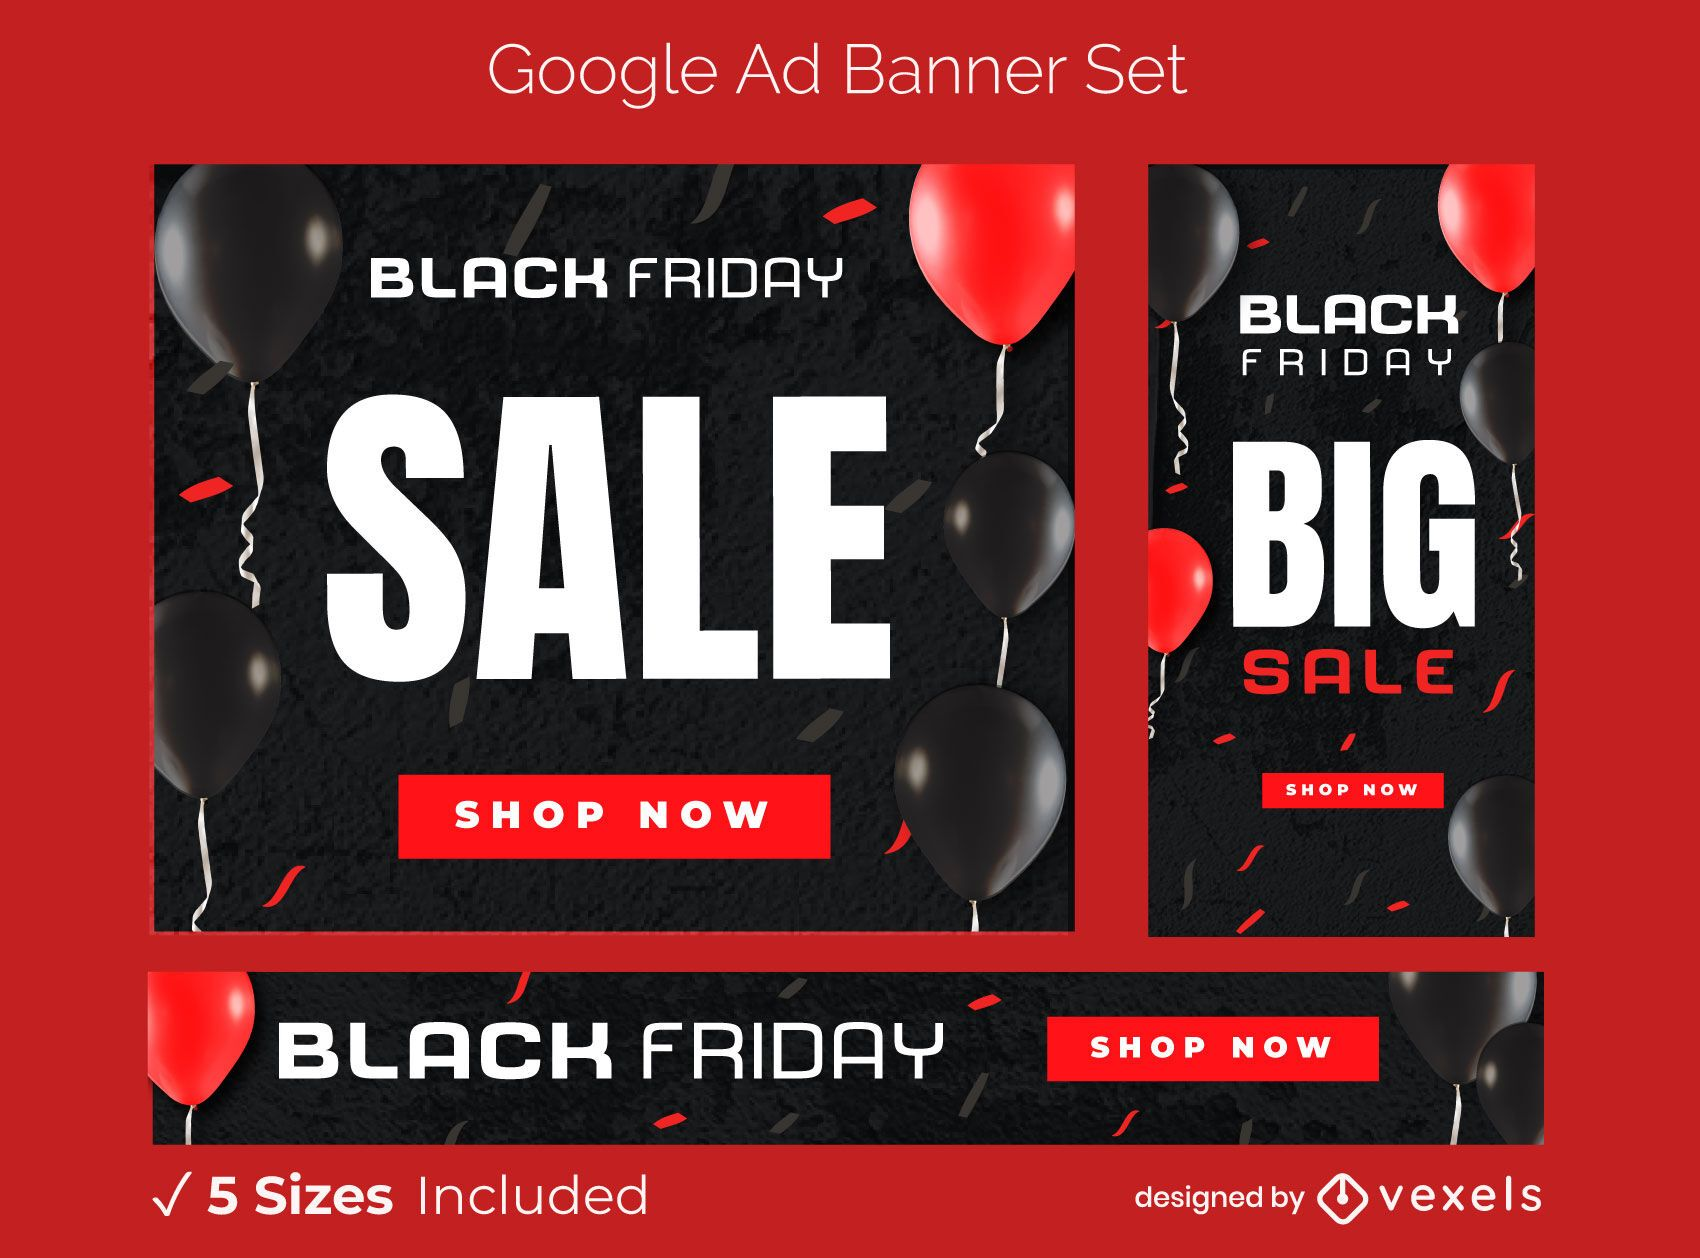 Black friday sale ad banner set